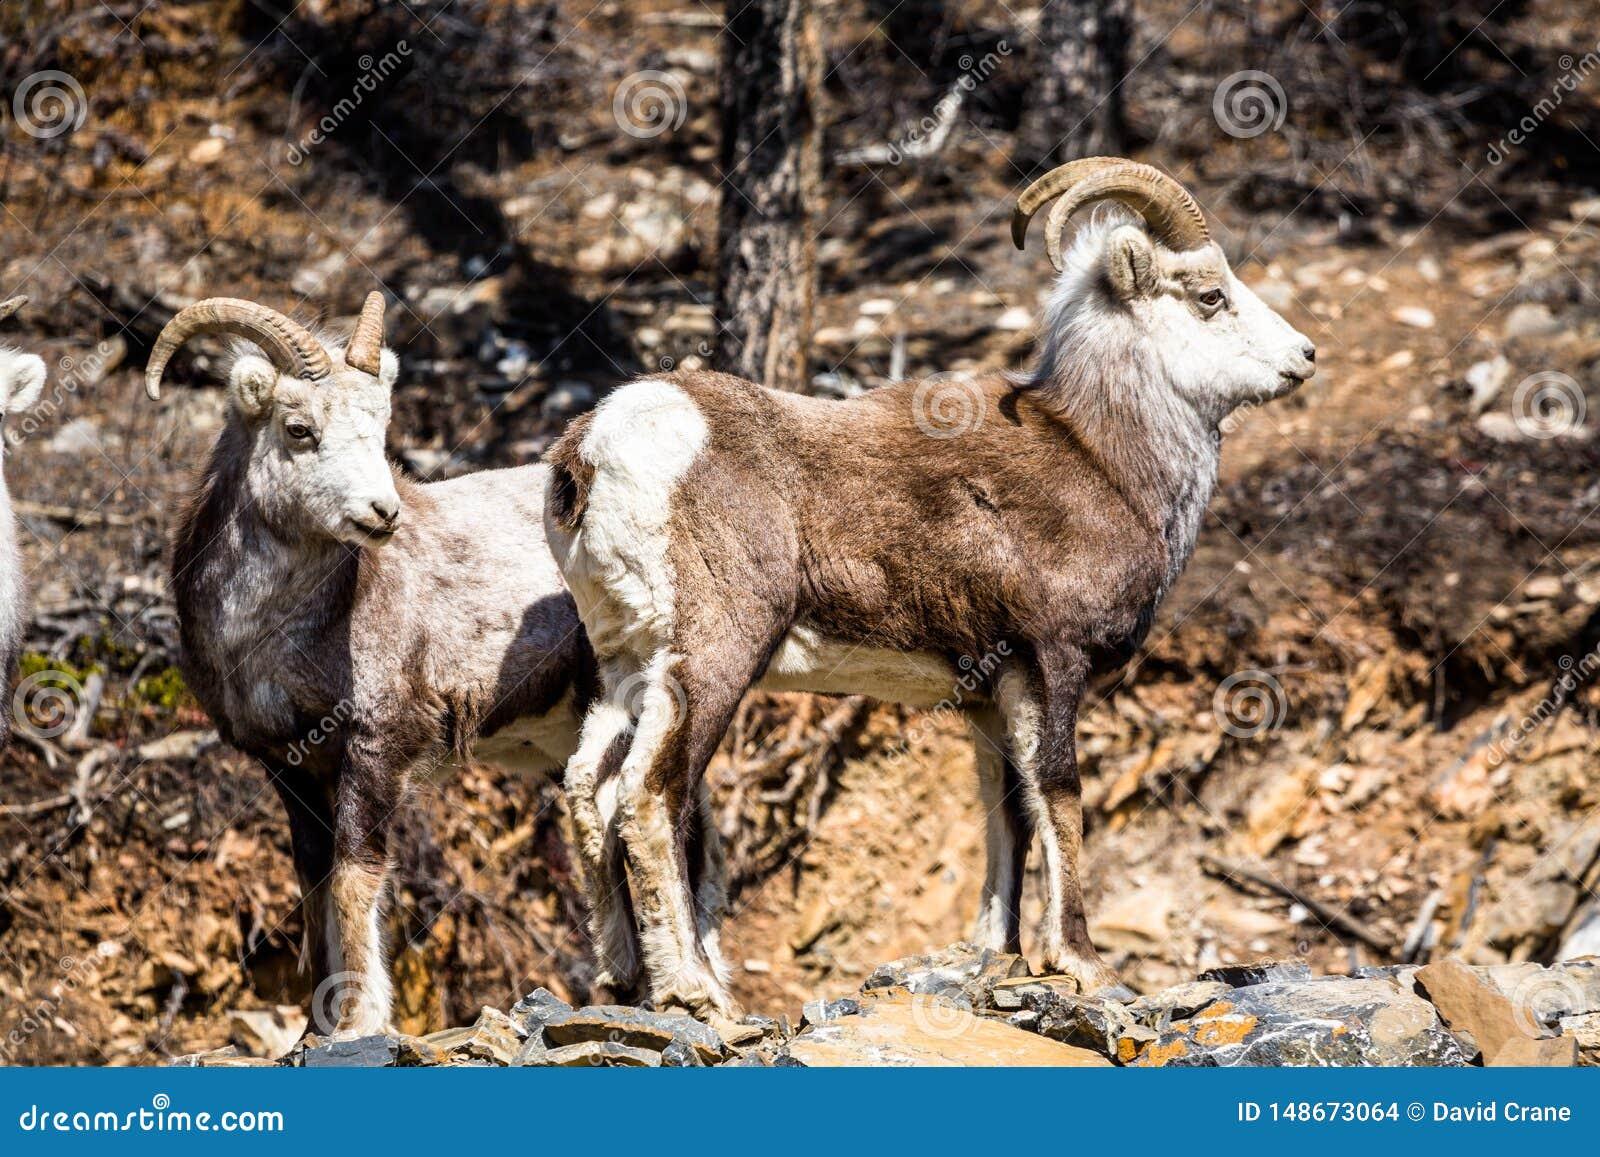 Two male Stone Sheep rams in southern Yukon Territory in Canada